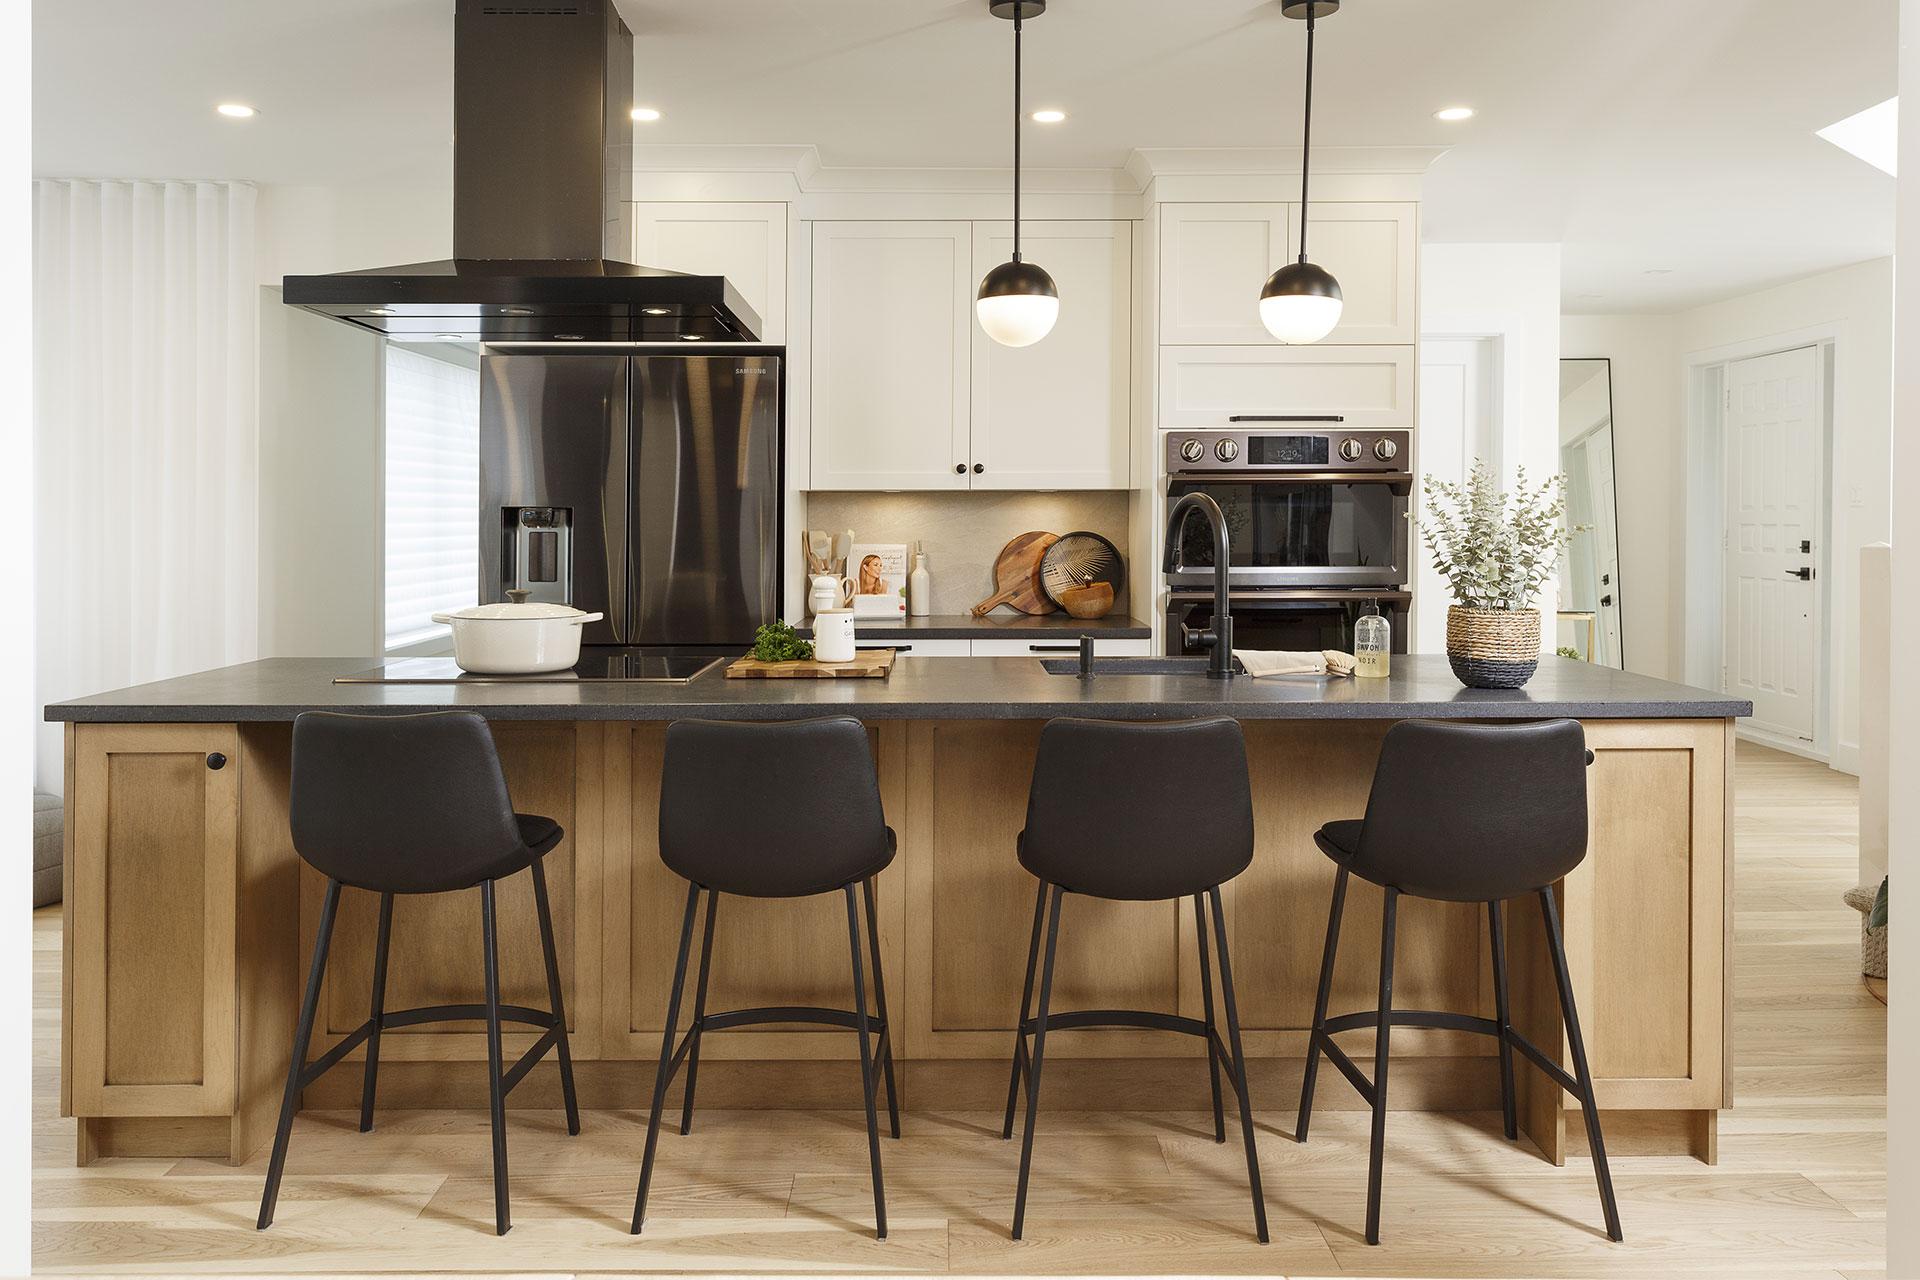 nouvelle cuisine alicia moffet armoires cuisines action